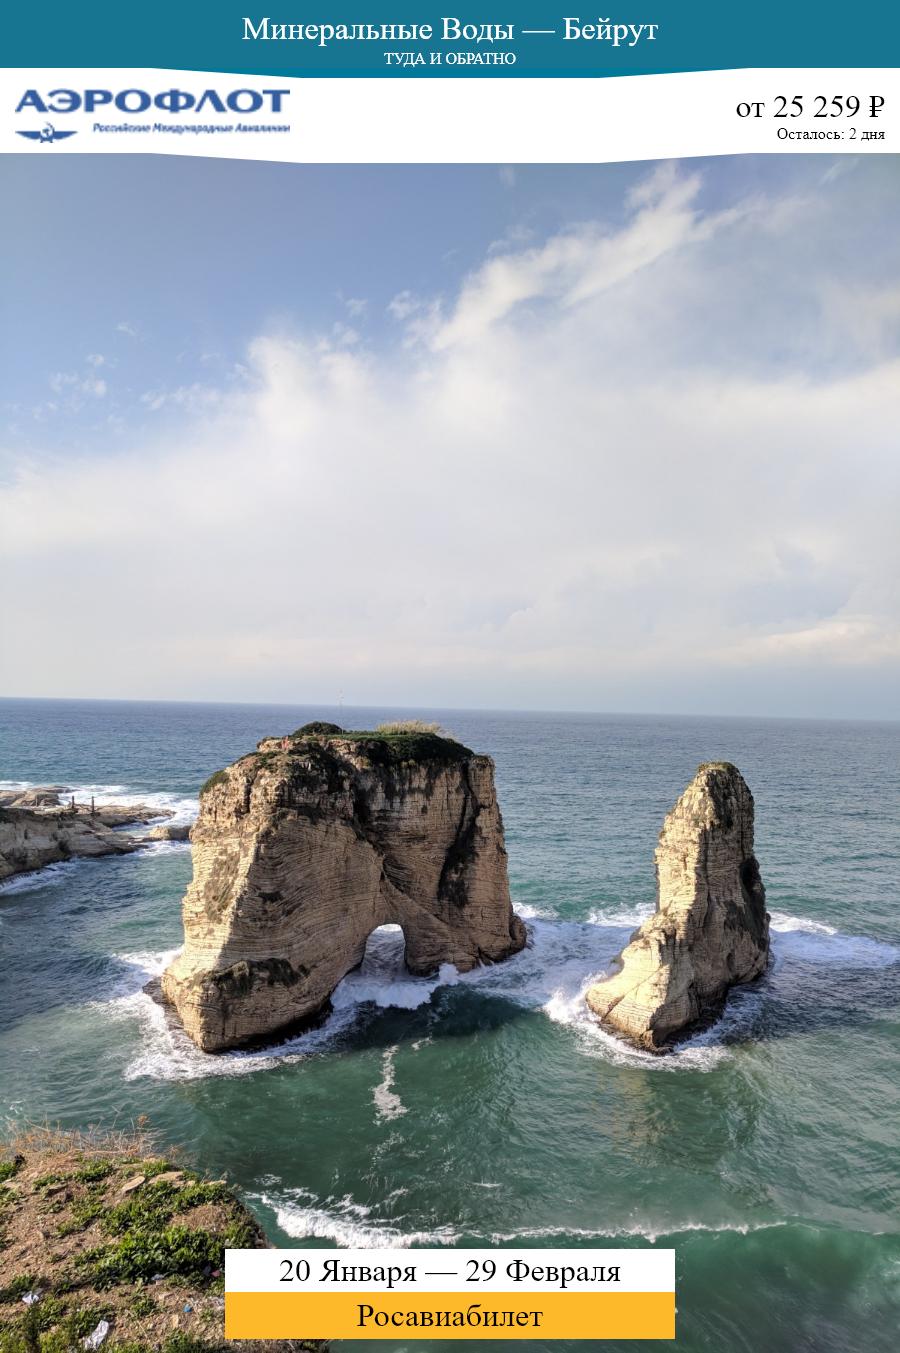 Дешёвый авиабилет Минеральные Воды — Бейрут